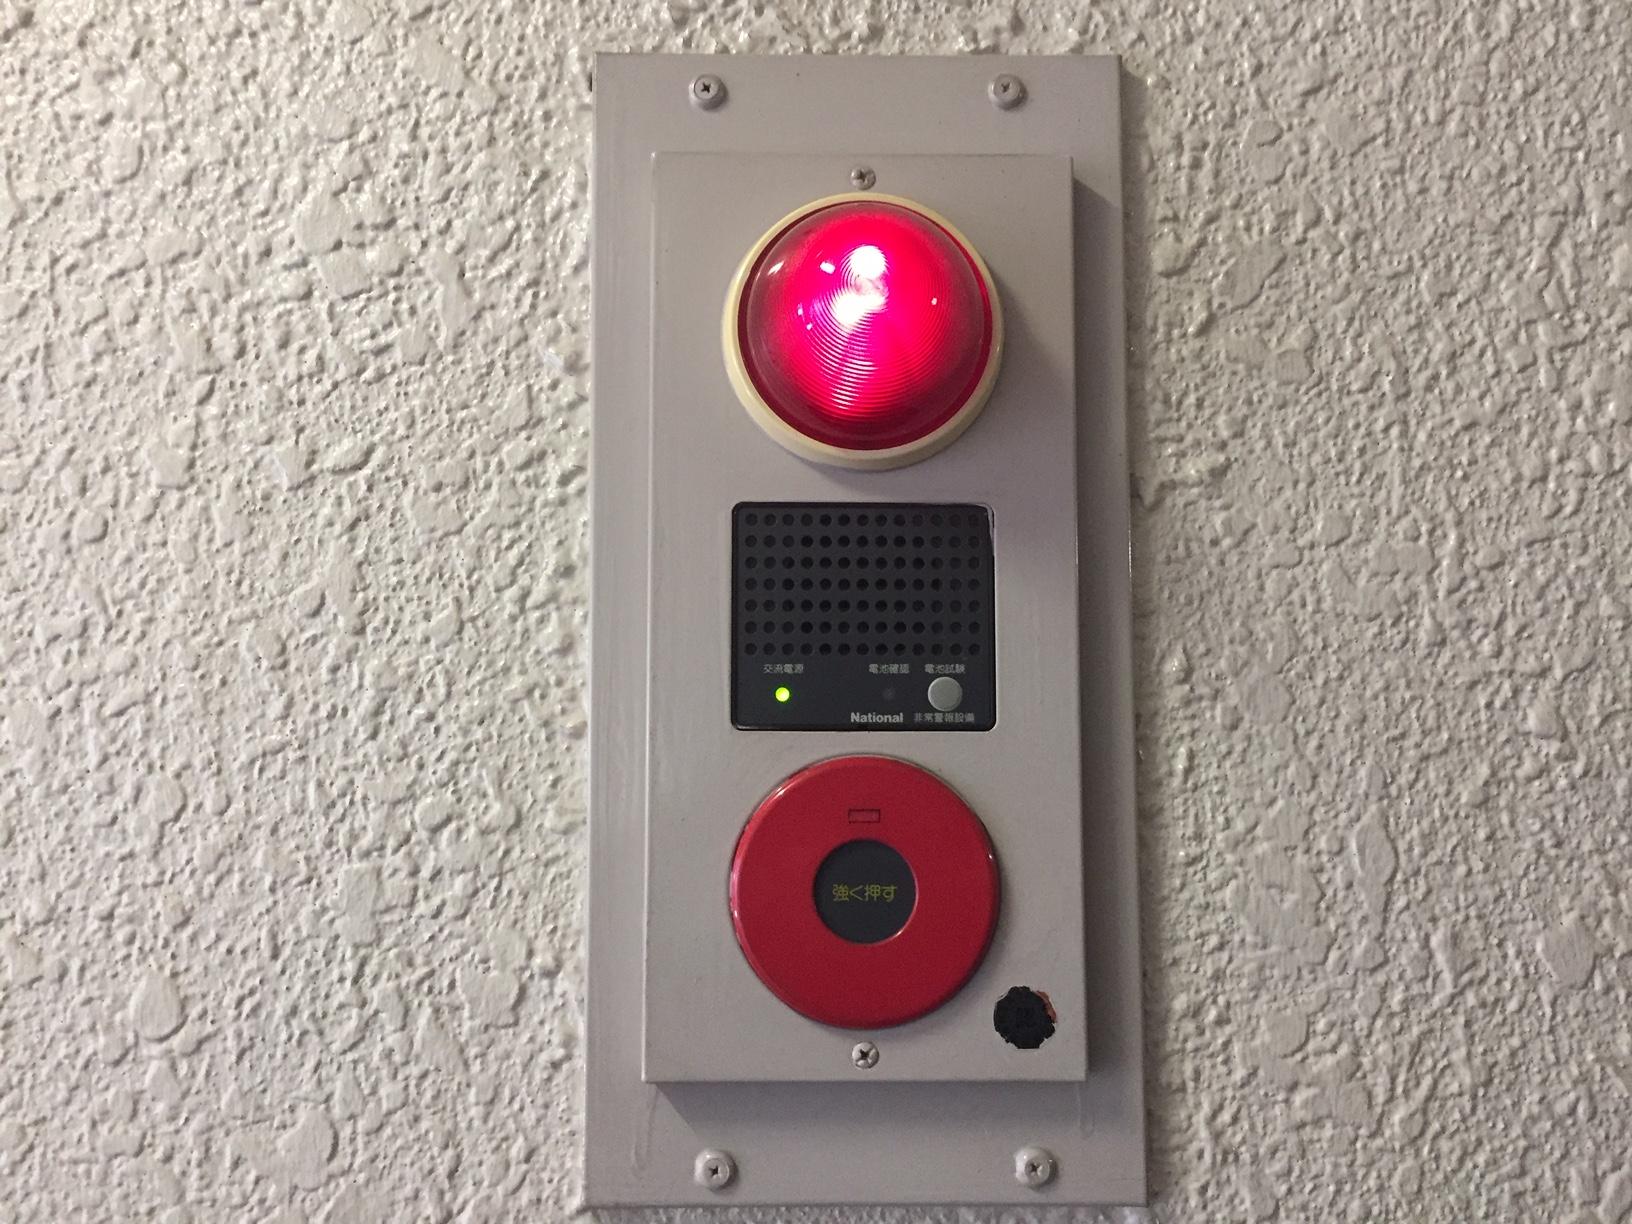 非常警報・ベルのボタンを押すとどうなるのか  消防車は来るの?